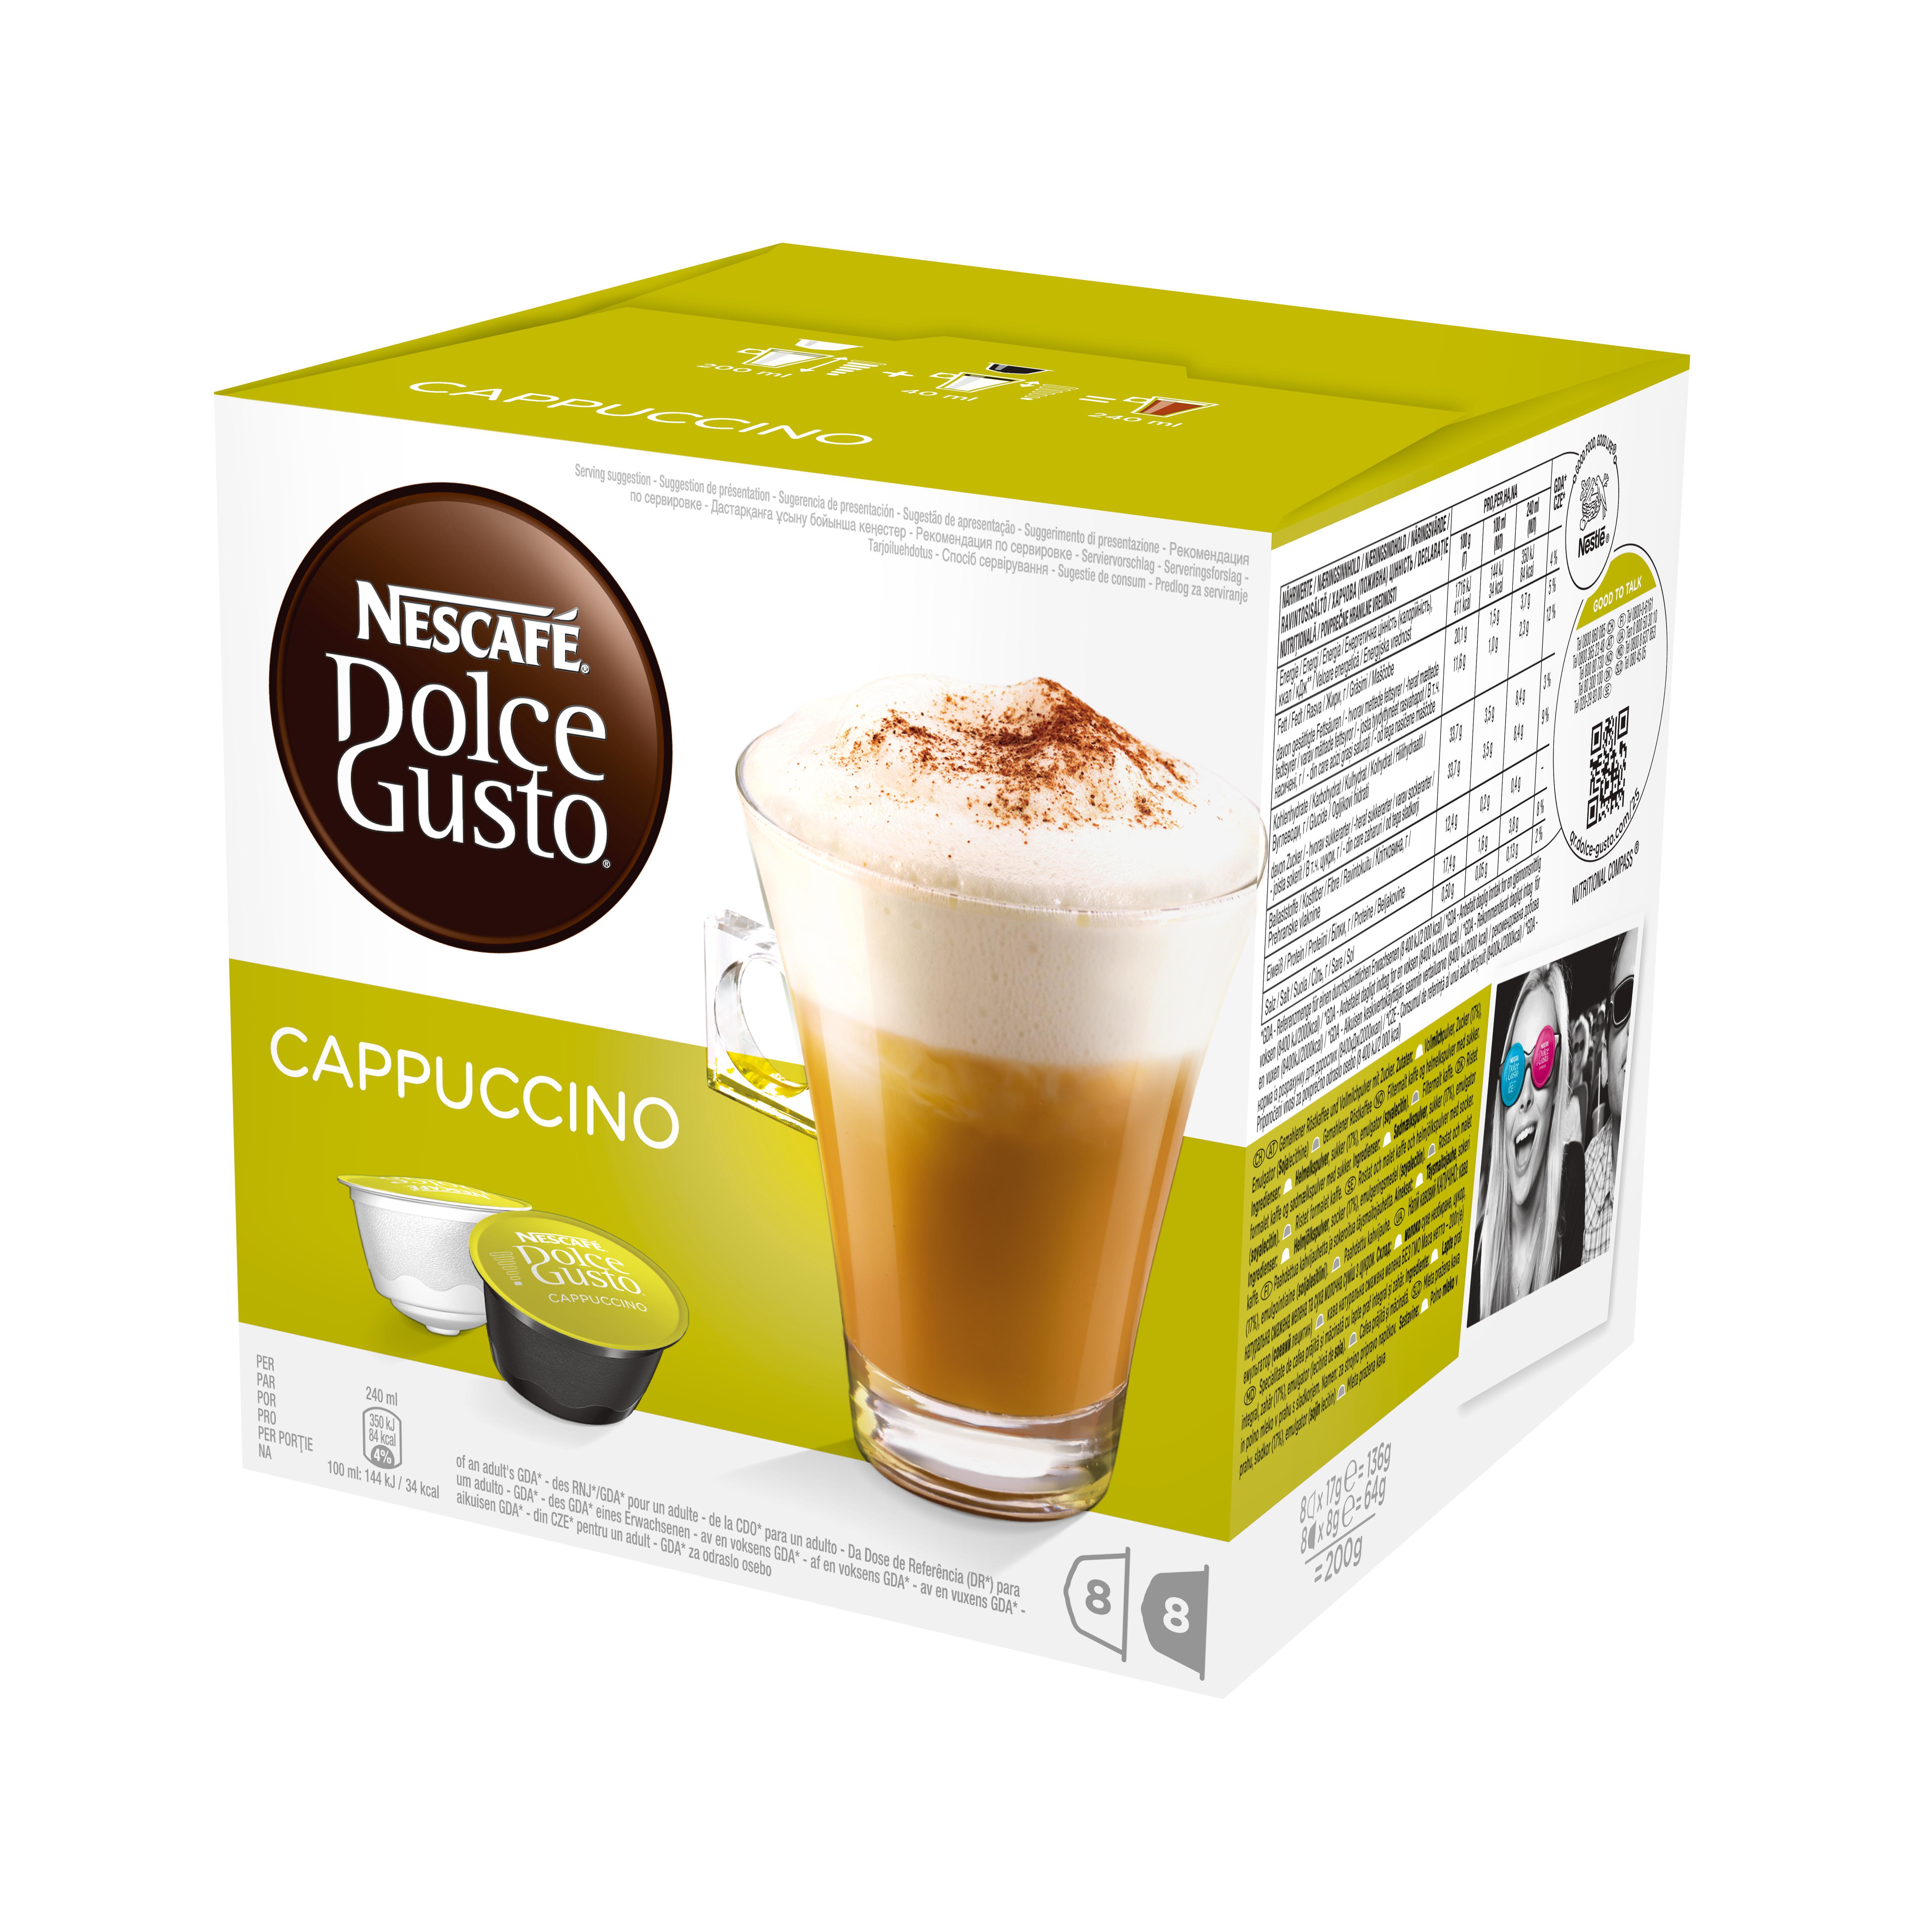 Кофе в капсулах Dolce Gusto Cappuccino (Каппучино), 16 кап.Кофе, какао<br>Капучино - это сочетание густого эспрессо с вкусной сладкой молочной пенкой.<br>СОСТАВ: кофе натуральный жареный молотый, молоко сухое цельное.<br><br>Тип: кофе в капсулах<br>Дополнительно: порция густого эспрессо со вкусной сладкой молочной пенкой.